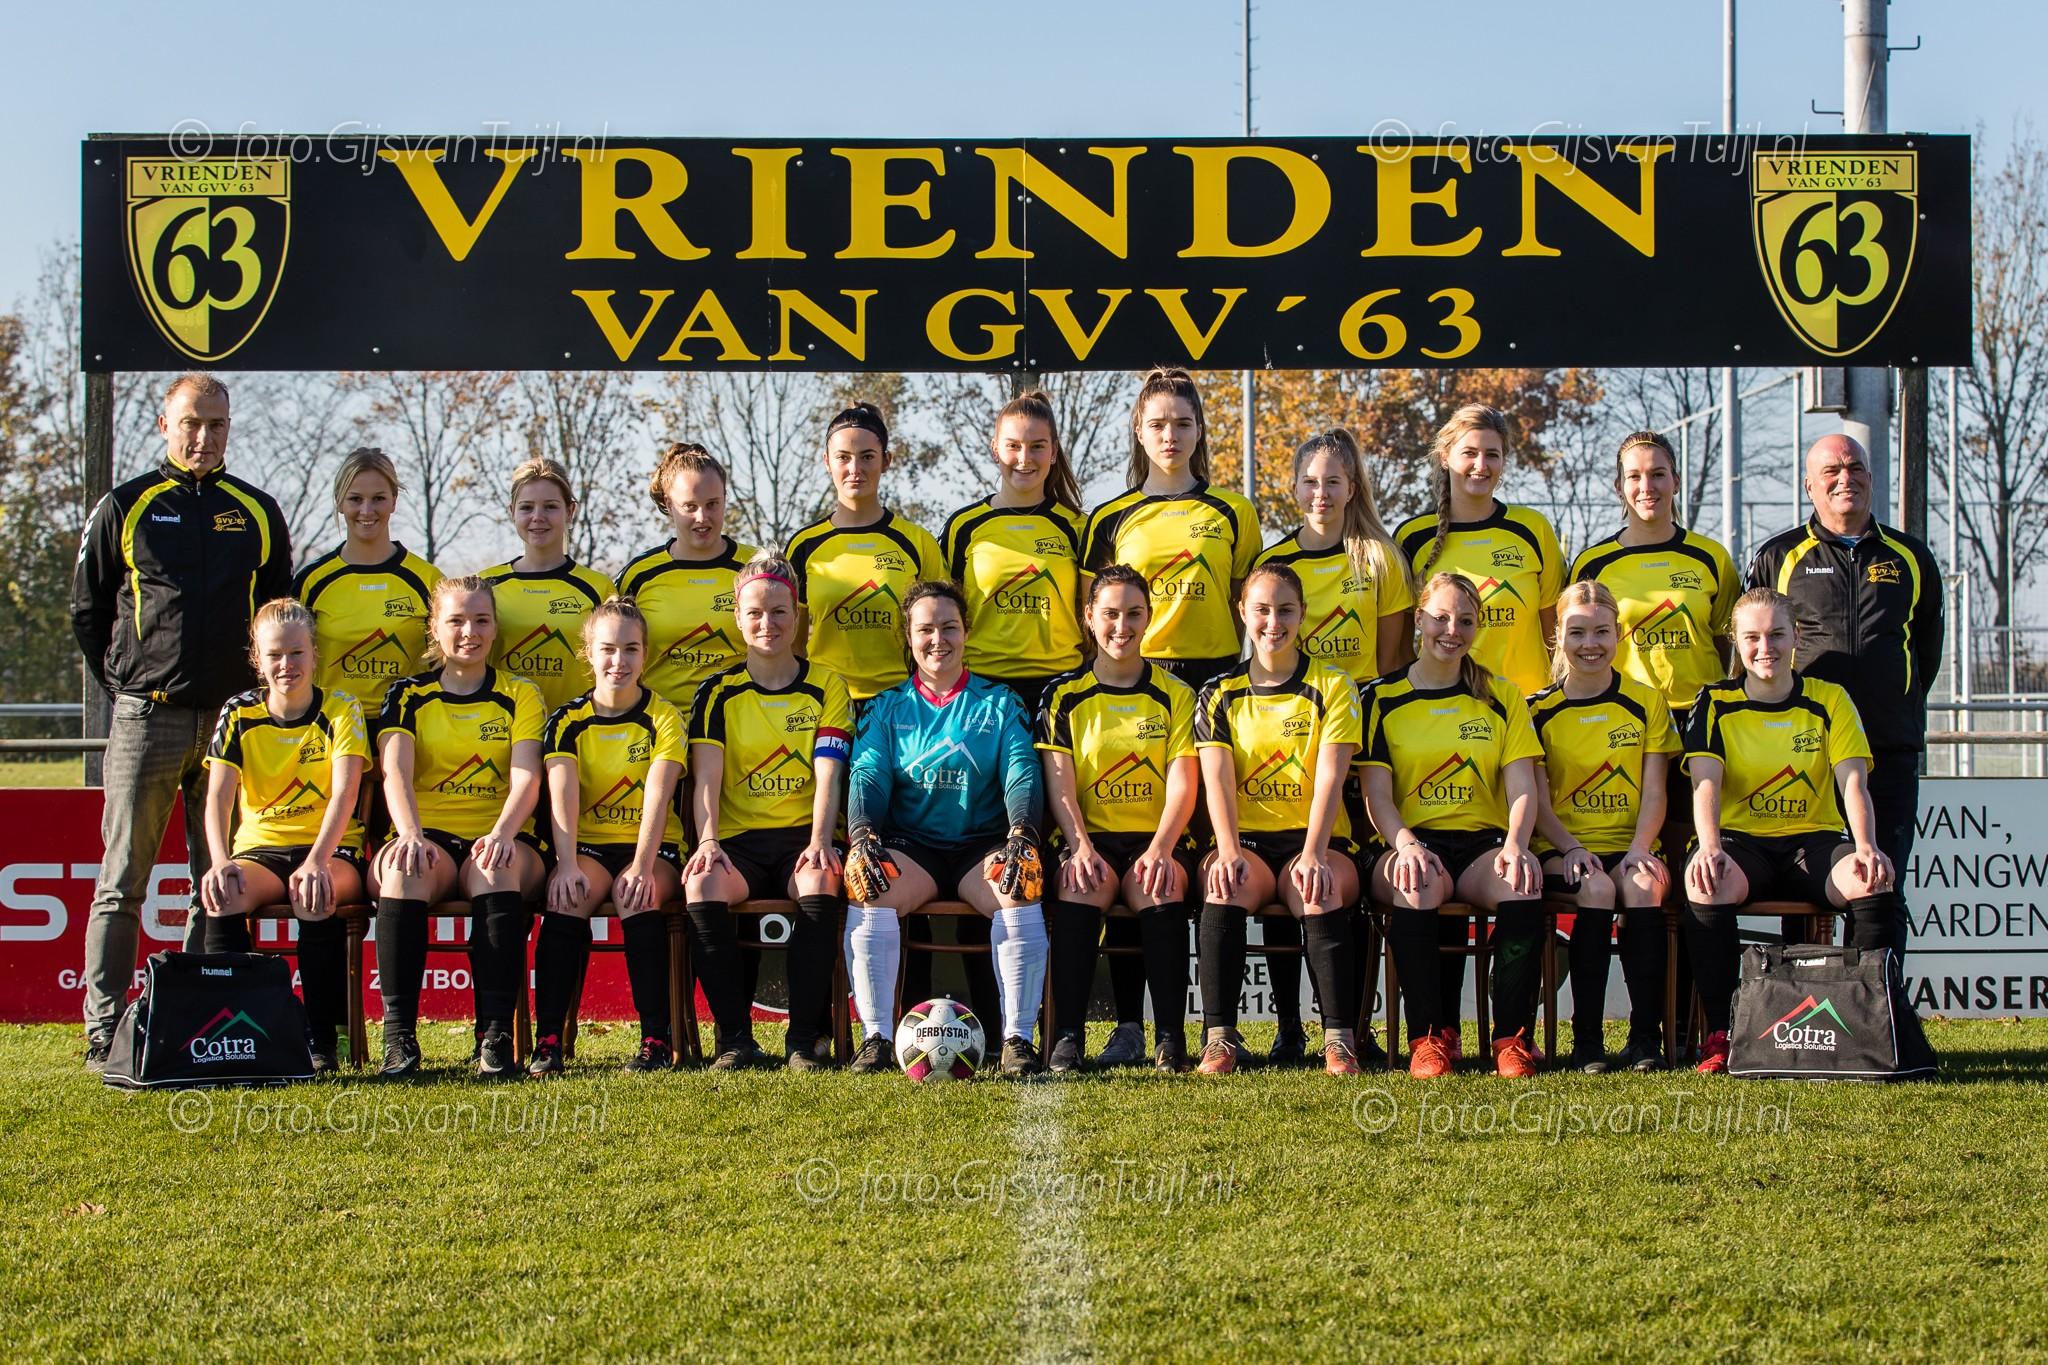 http://gvv63.nl/wp-content/uploads/2018/11/elftal-1819-vr-1.jpg